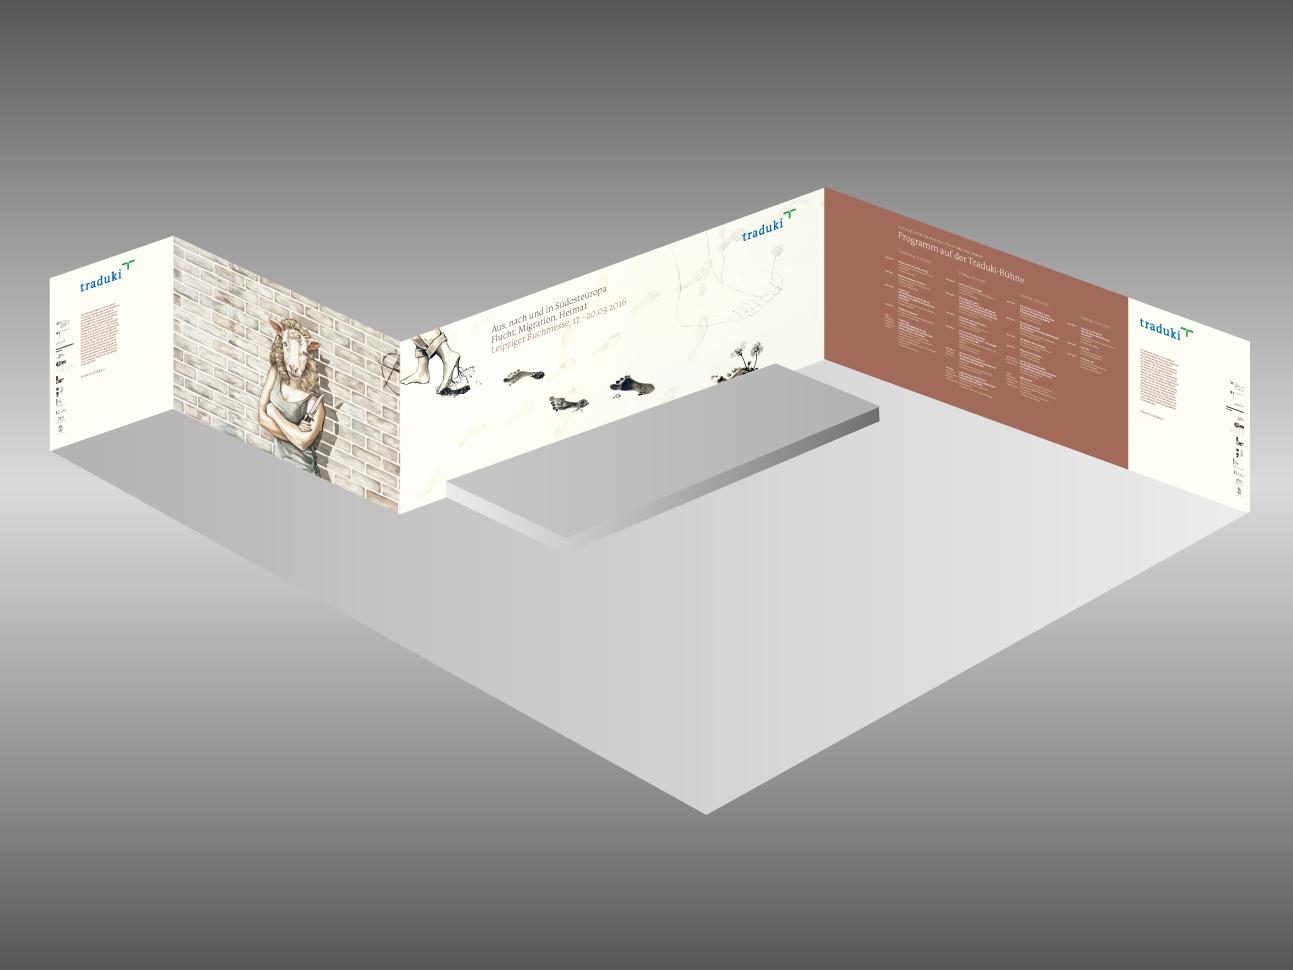 martin_zech_design_projekt_design_traduki_messestand_leipziger_buchmesse_2016_standdesign